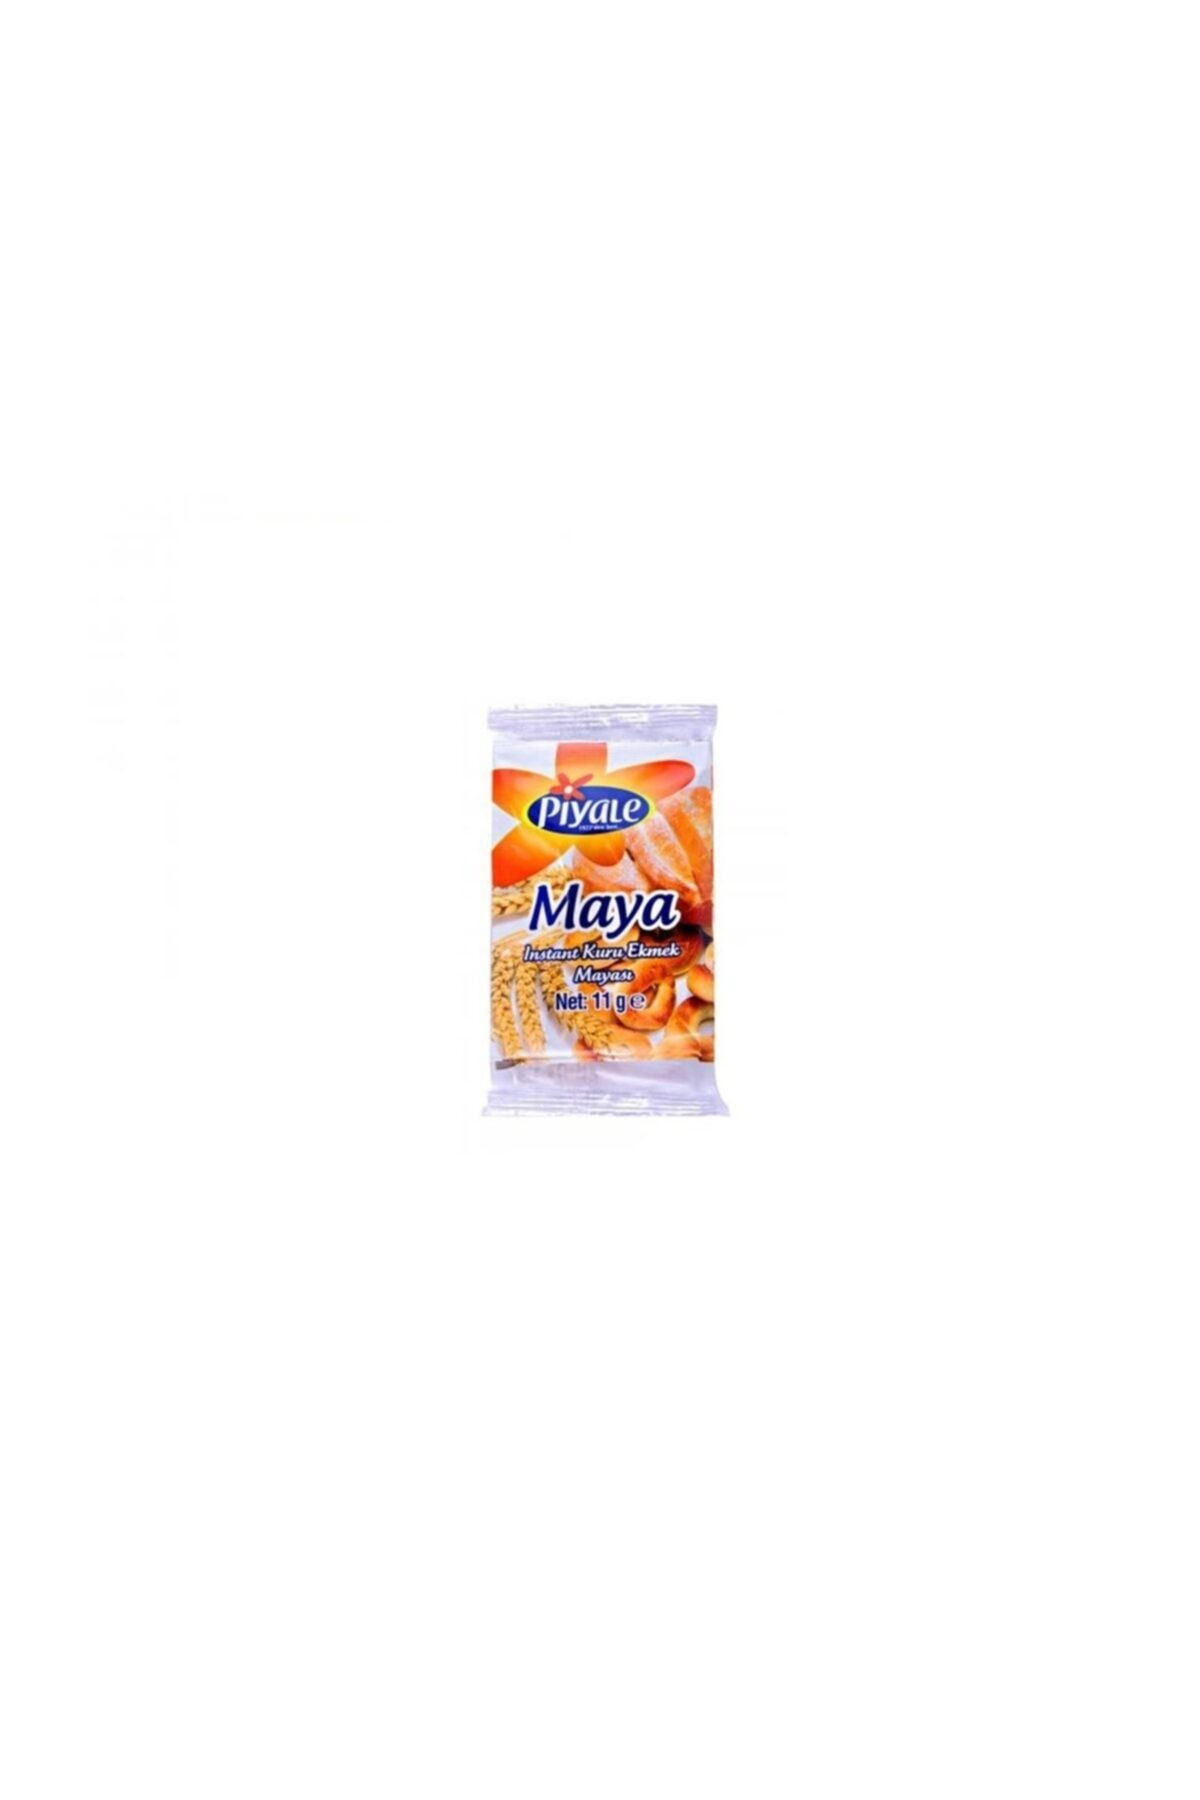 Piyale Kuru Ekmek Mayası Instant Maya 12 Adet 2